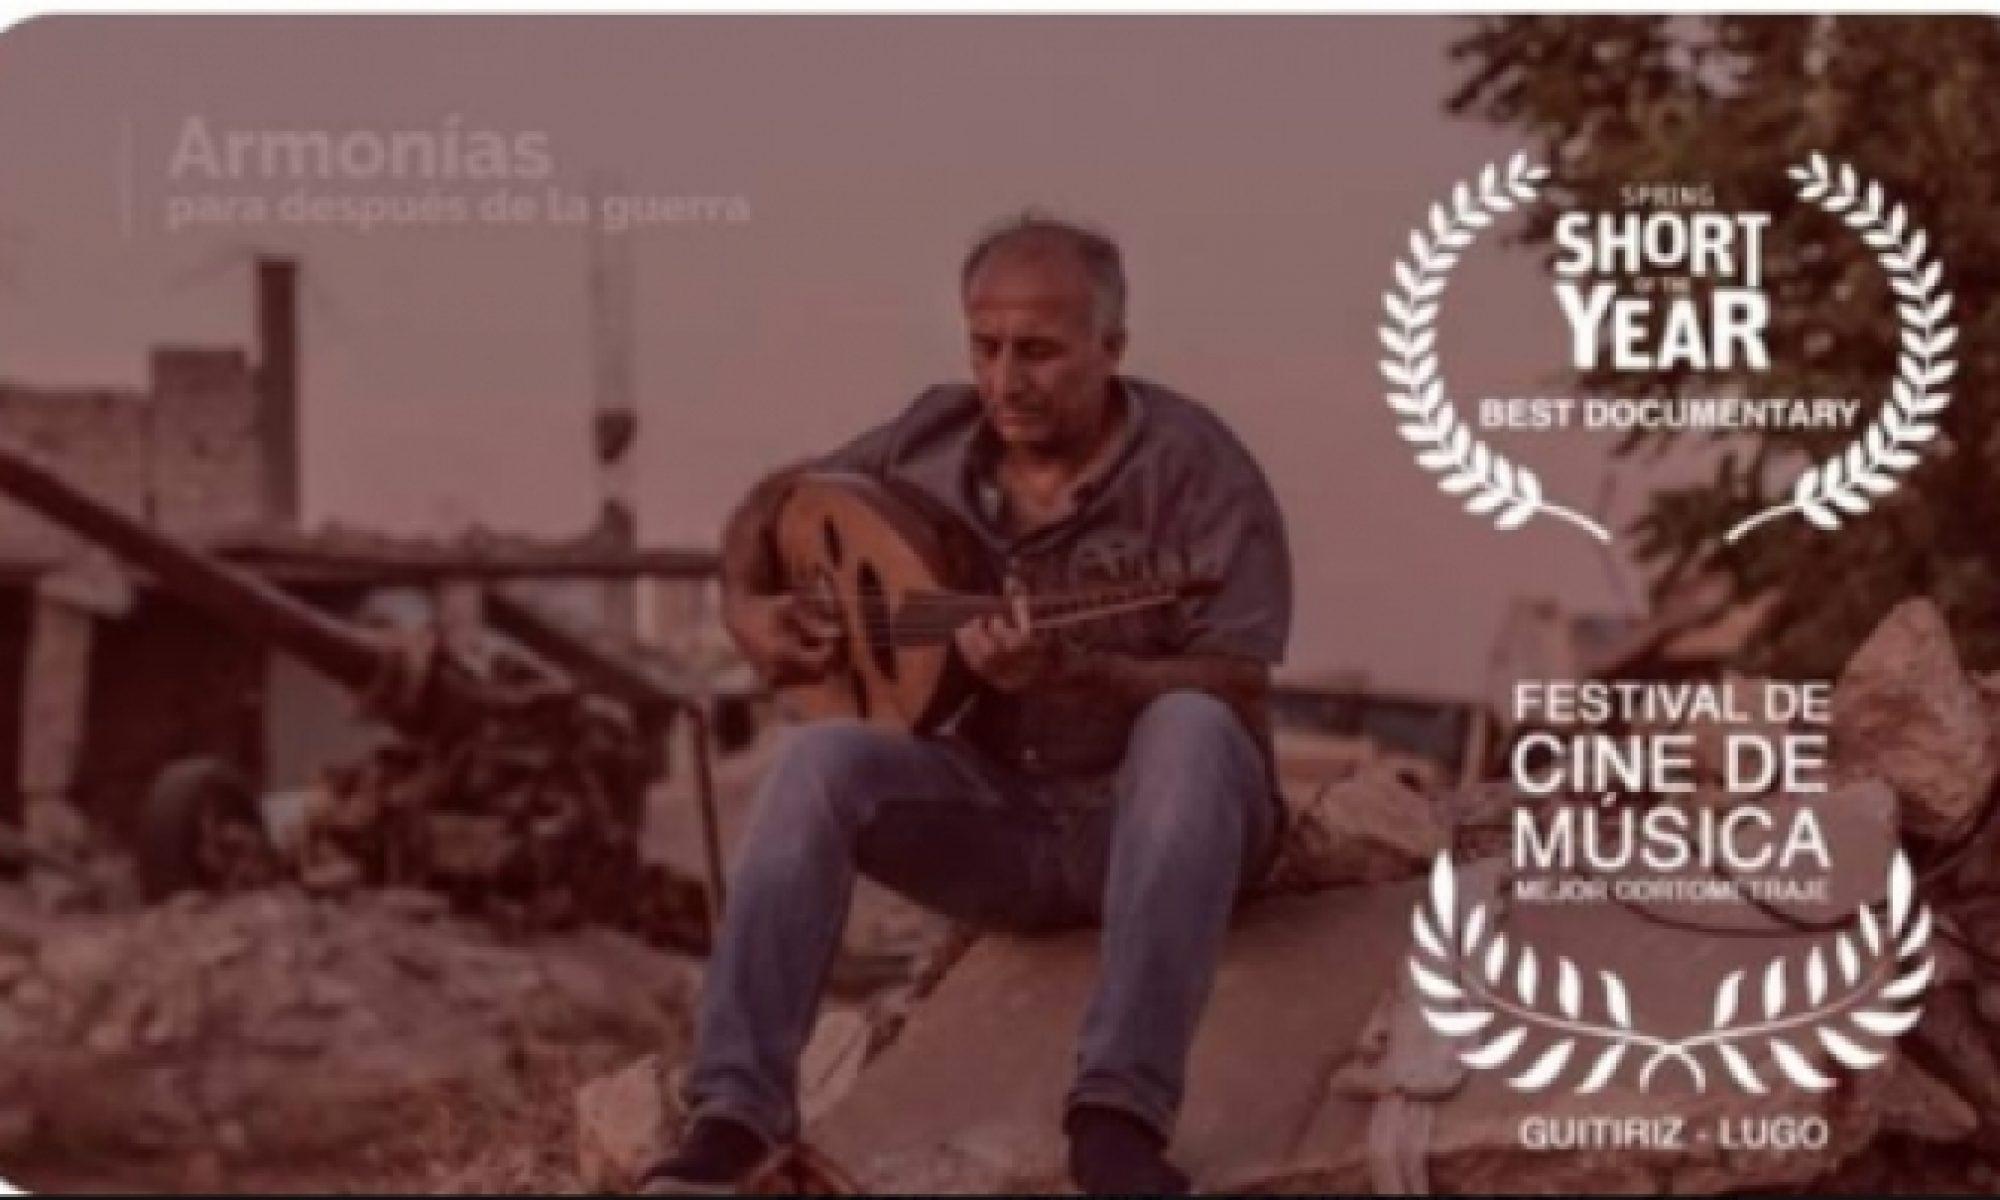 Gani Mirzo'nun 'Savaş Sonrası Armoni'sine İtalya'da 'En İyi Kısa Belgesel' ödülü